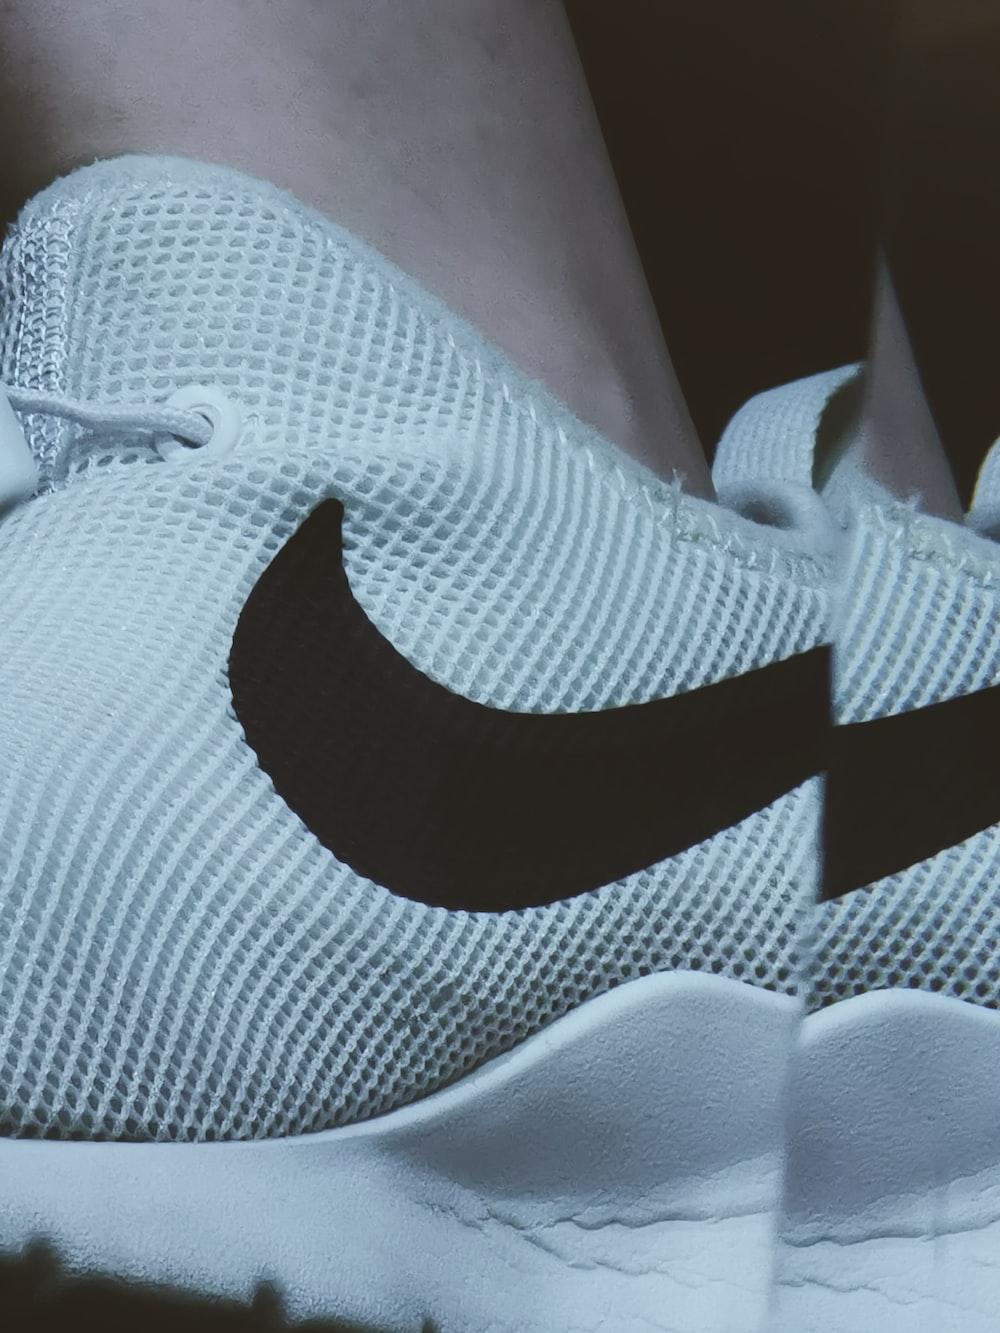 person wearing Nike low-top sneaker